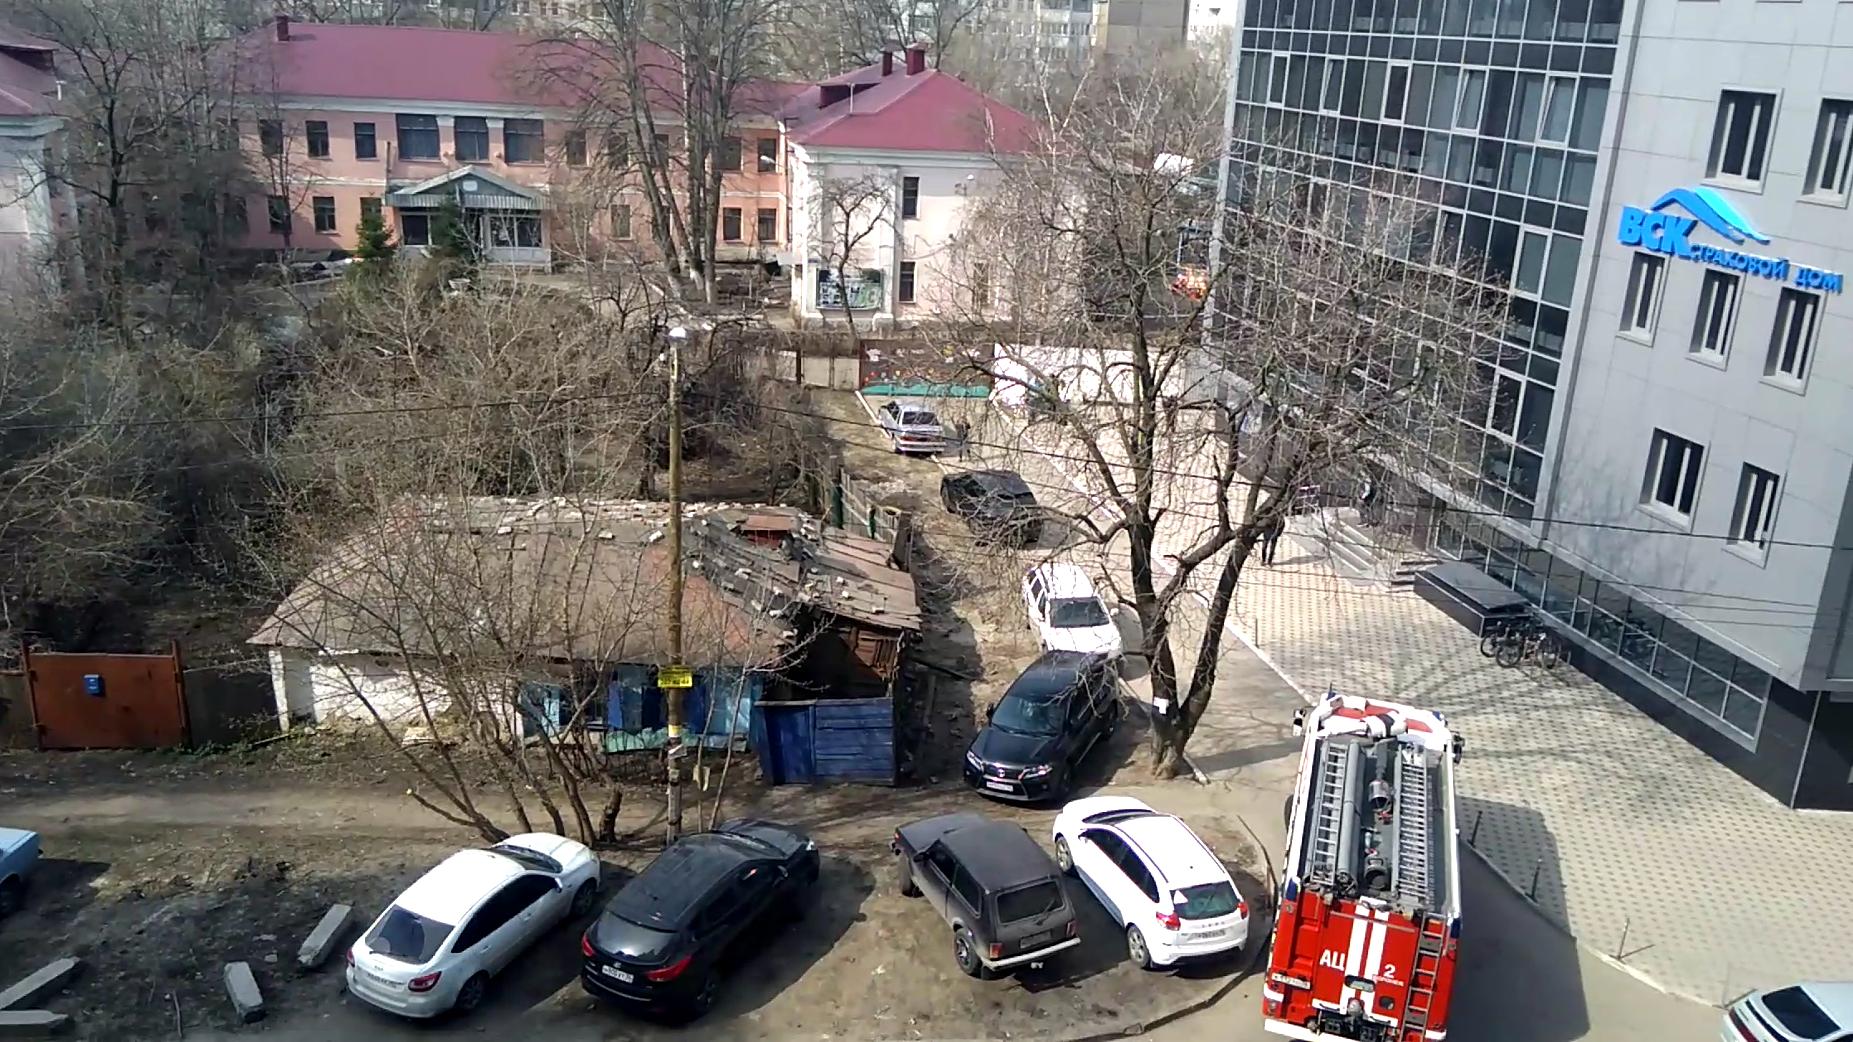 Автомобилисты заблокировали дорогу пожарной машине к детсаду в центре Воронежа